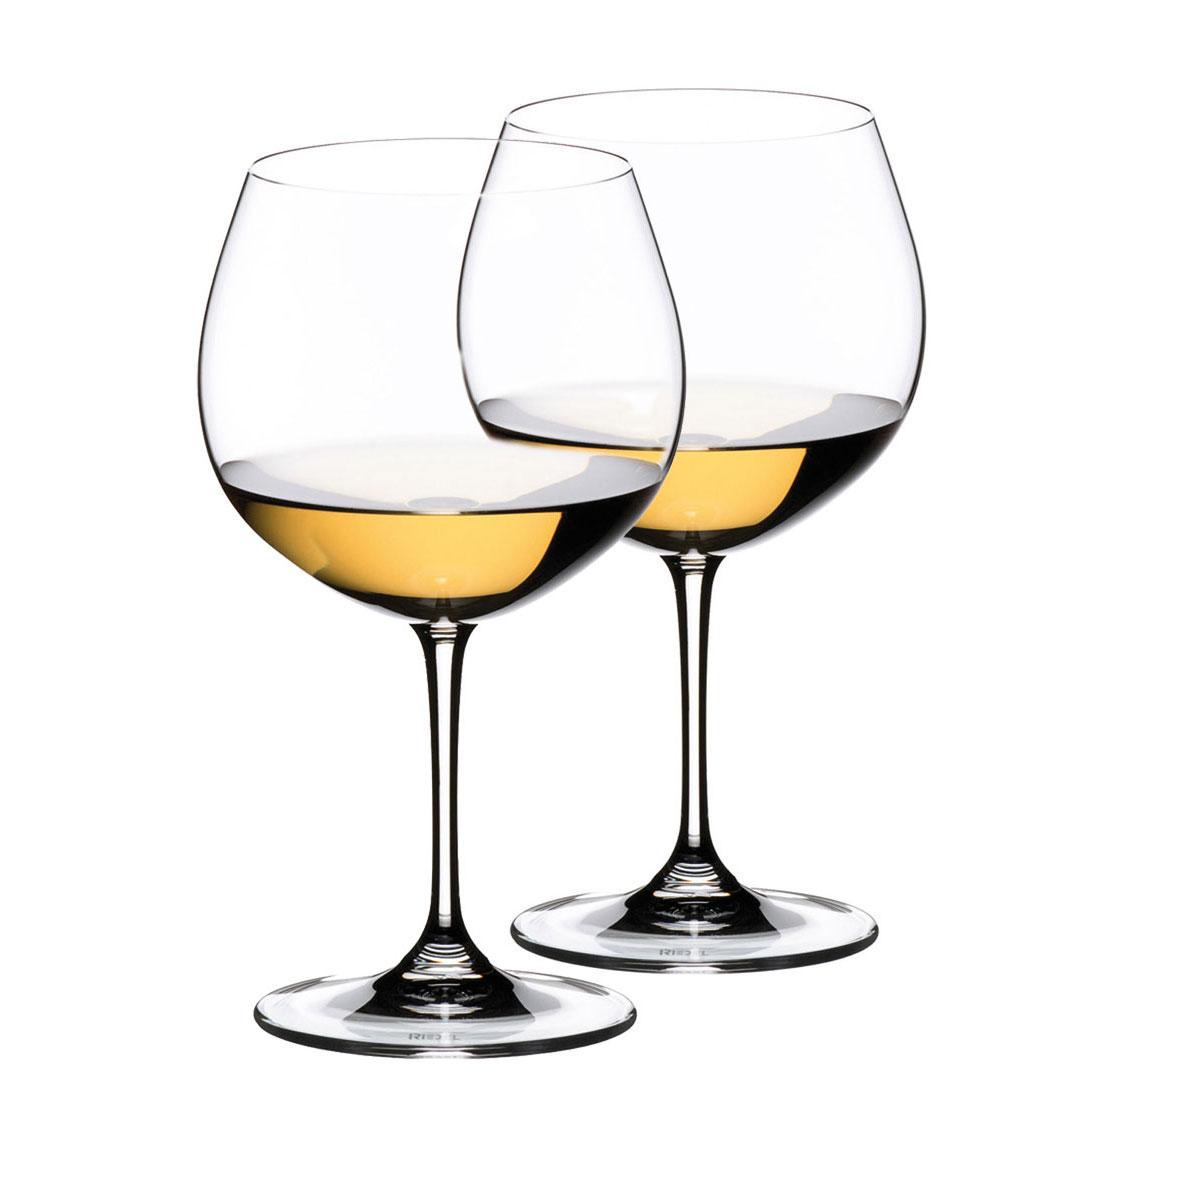 Riedel Vinum, Chardonnay, Montrachet Wine Glasses, Pair